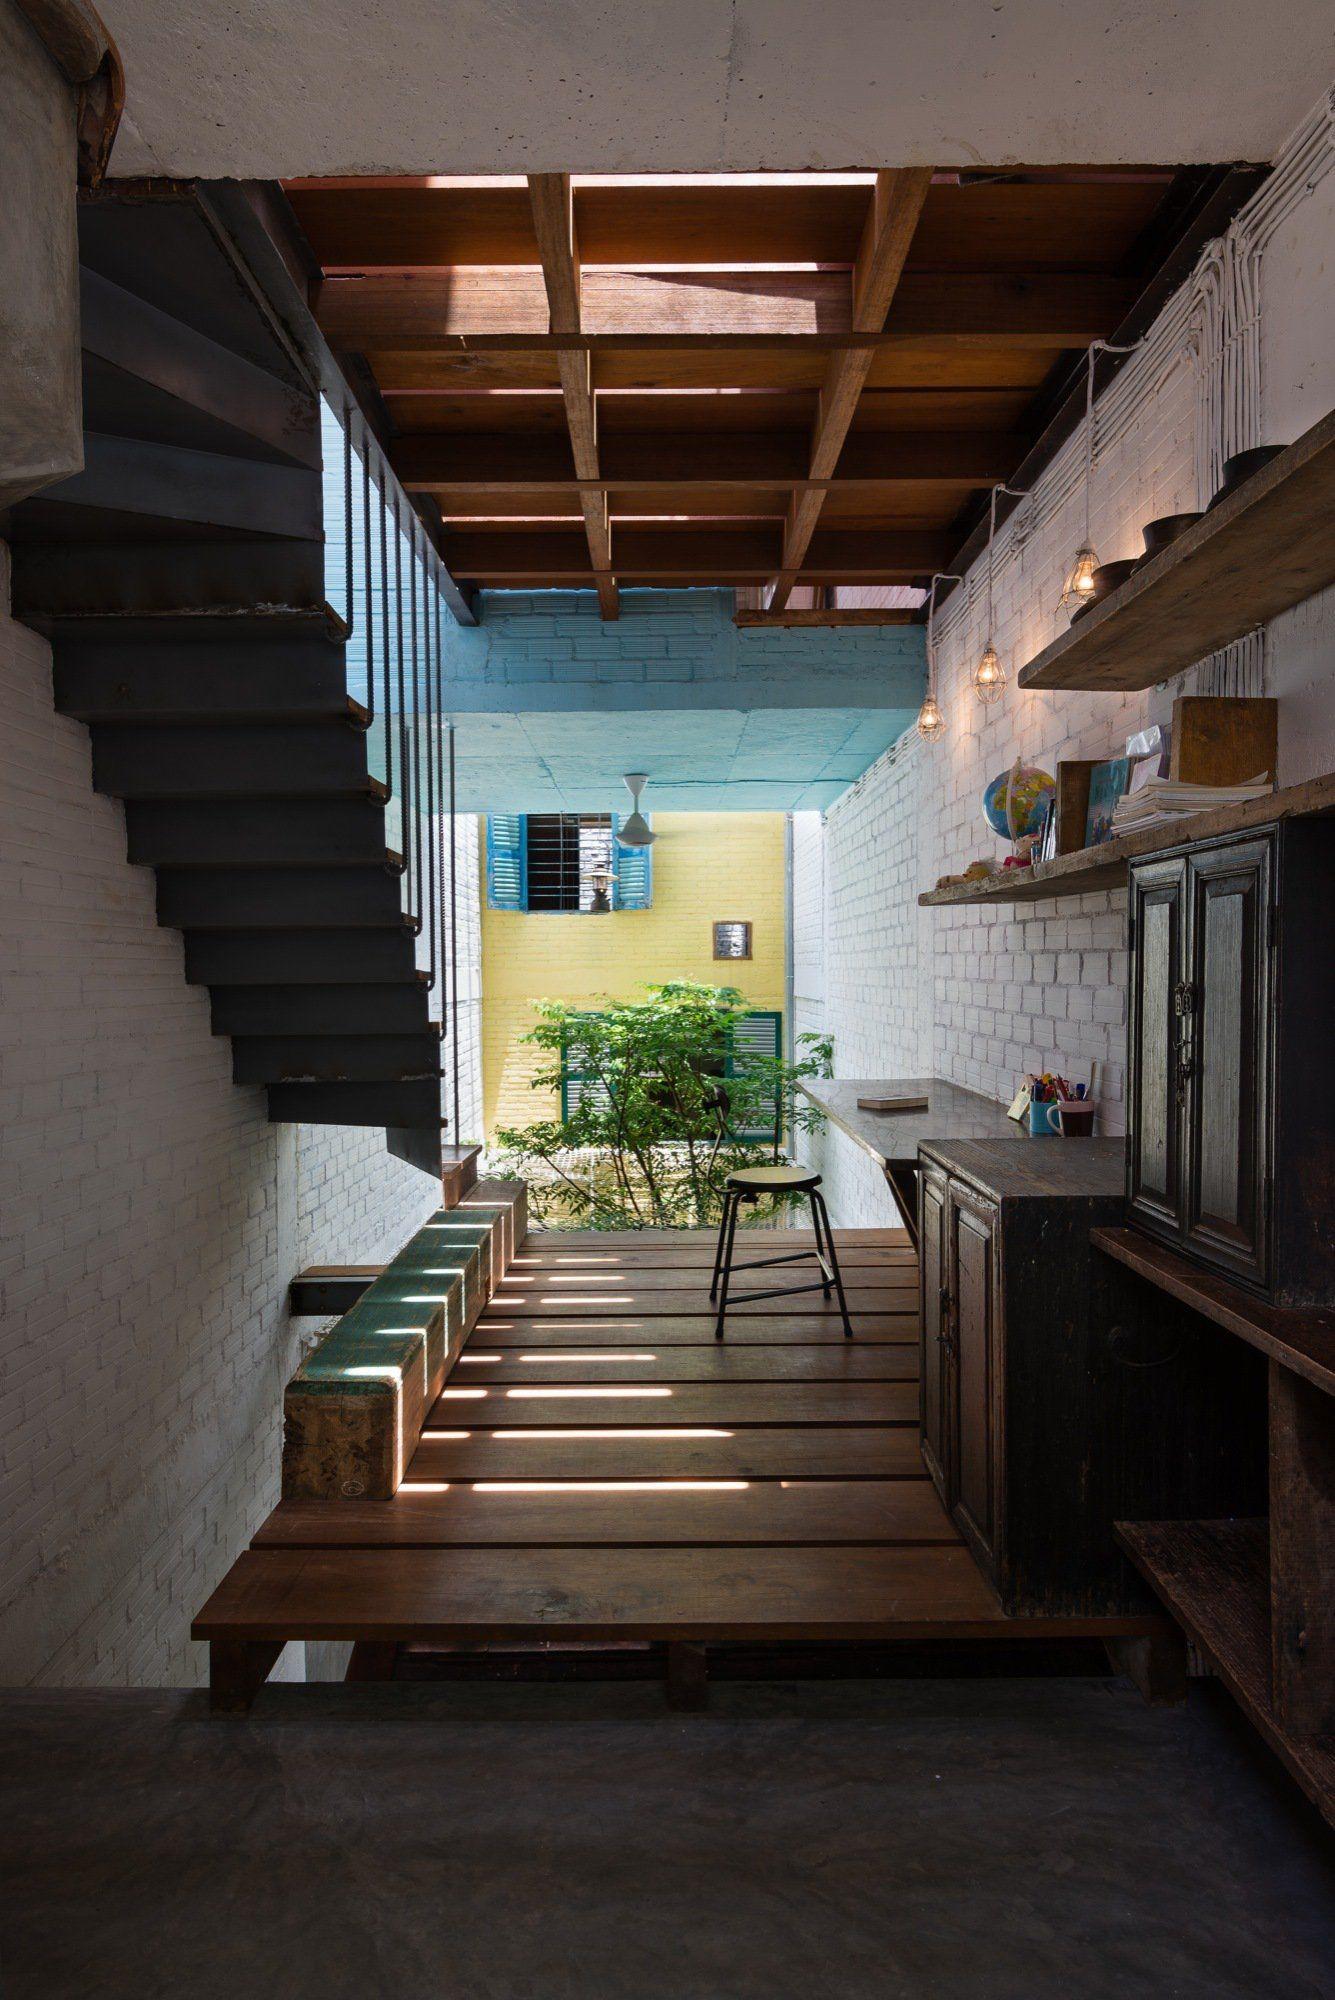 Galería de Casa Saigon / a21studio - 3 | Smallest house, Small ...